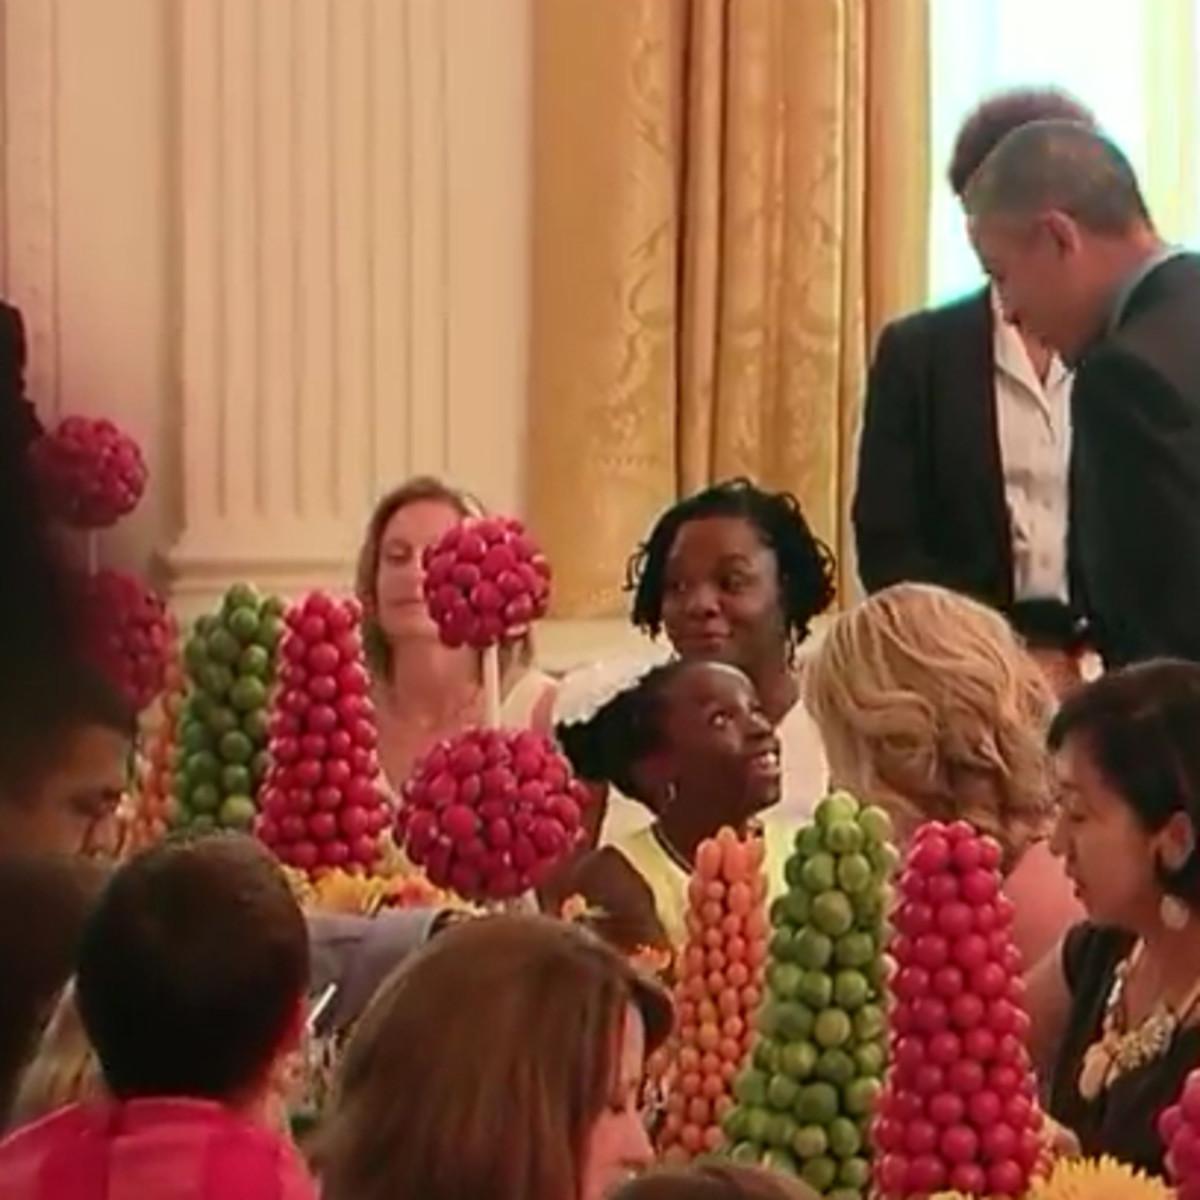 Mikaila Ulmer BeeSweet Lemonade Austin White House Kids State Dinner President Barack Obama July 2015